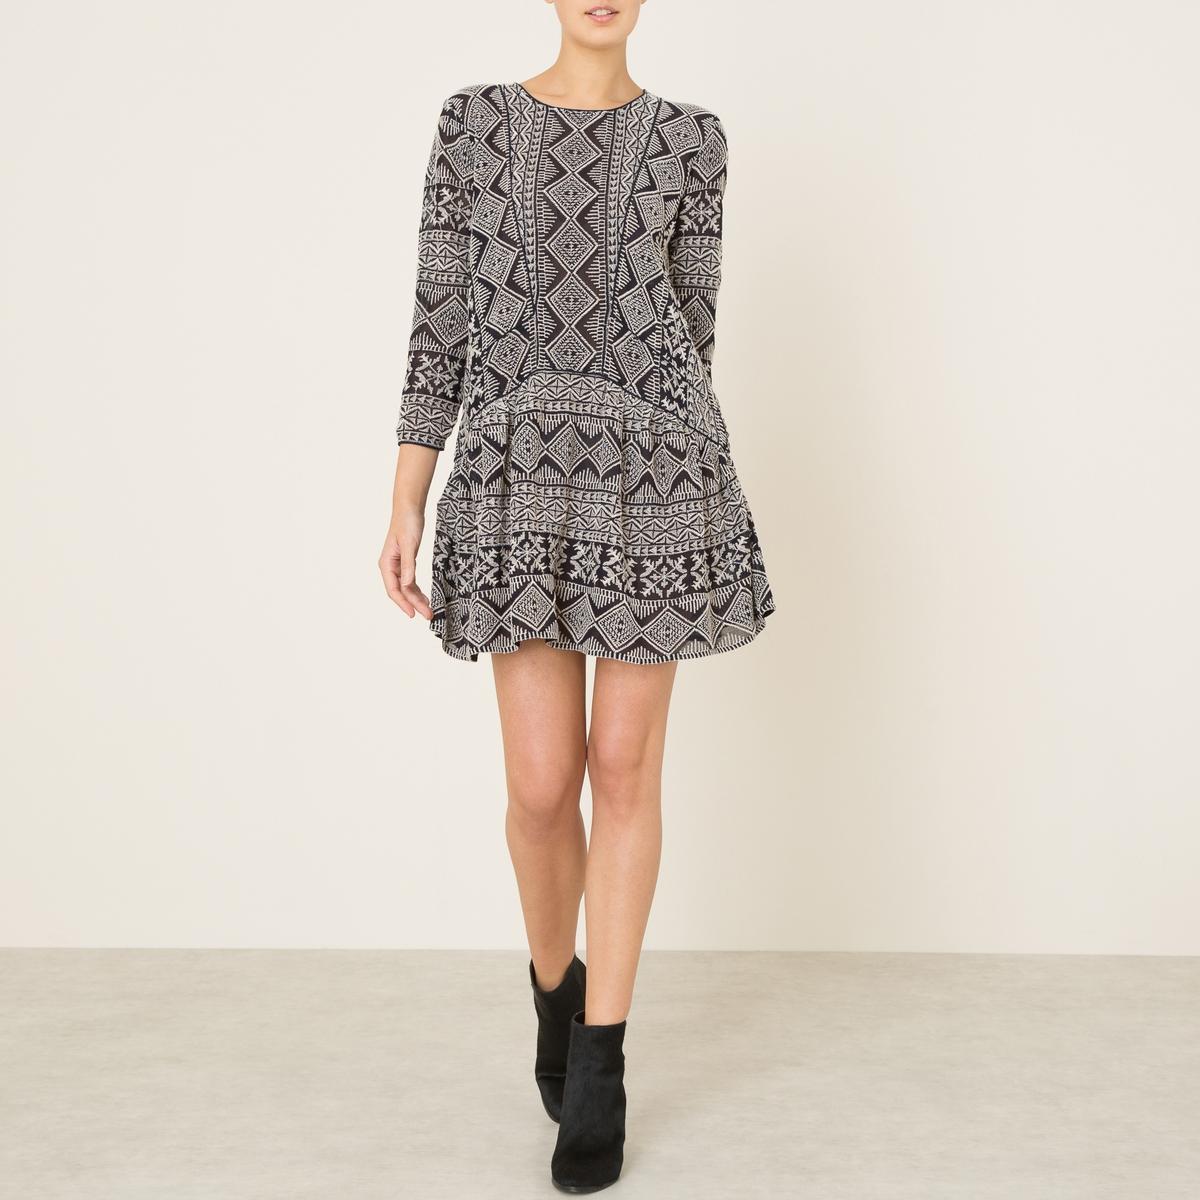 Платье MARAСостав и описание :Материал : Струящаяся ткань 100% вискозаДлина : 87 смМарка : BA&amp;SH<br><br>Цвет: темно-синий<br>Размер: S